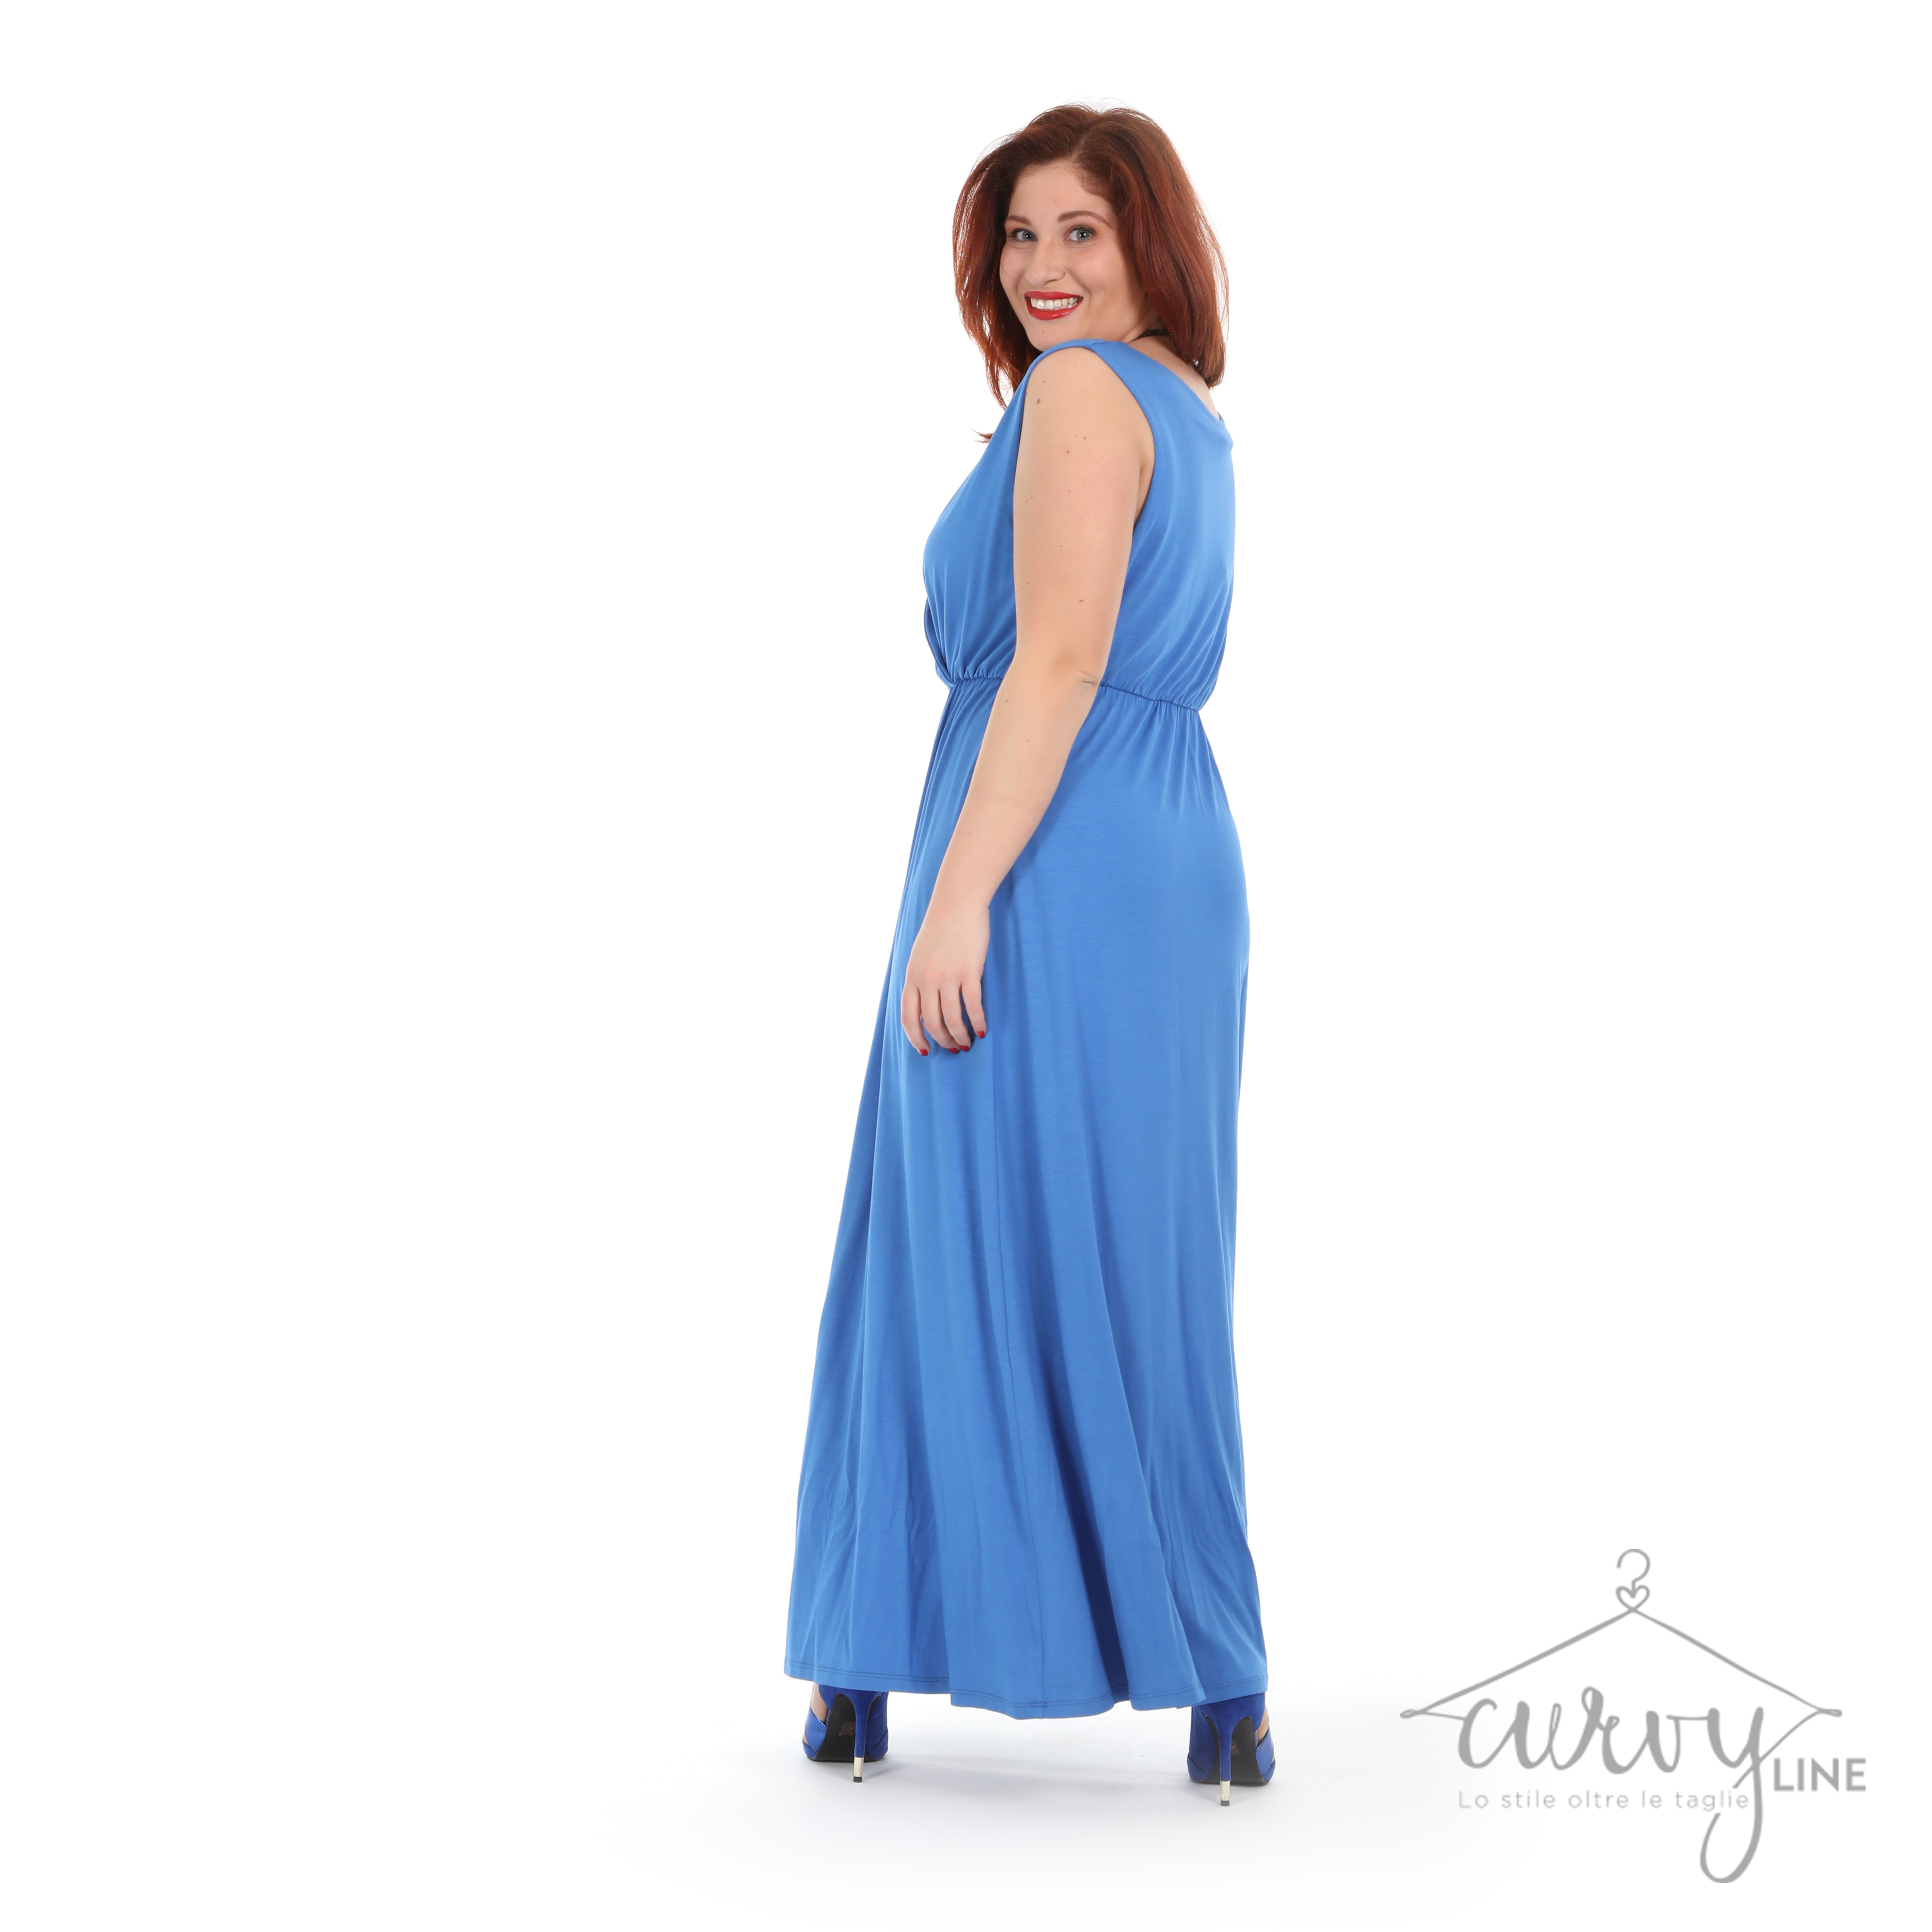 innovative design 0a274 43ad2 ABITO LUNGO BLUETTE - CurvyLine